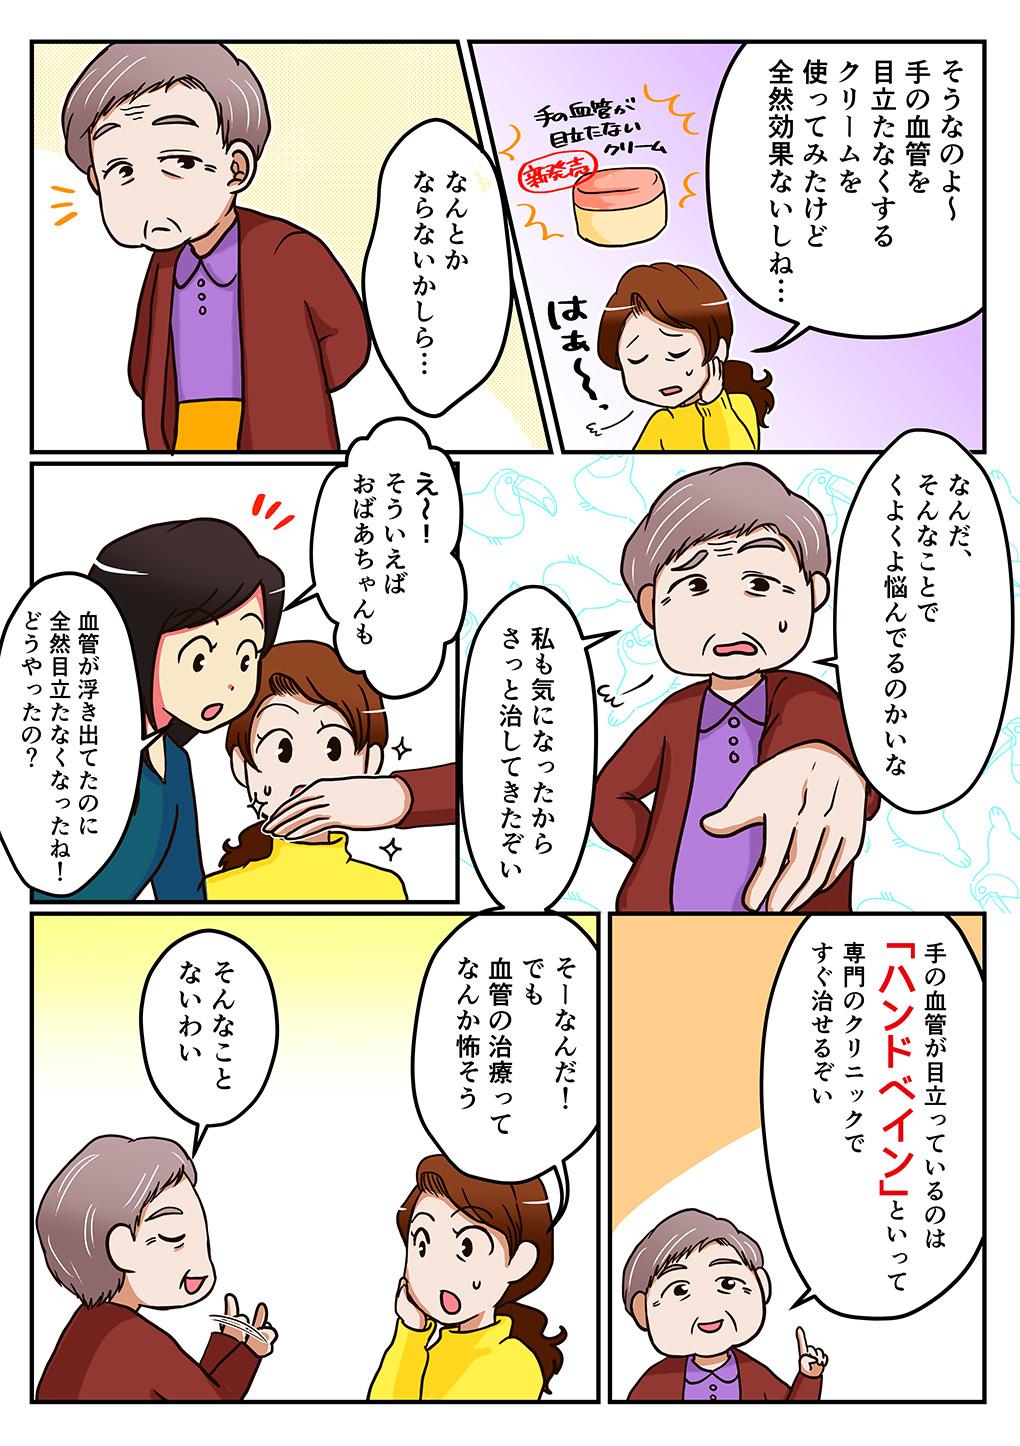 ハンドベイン漫画2